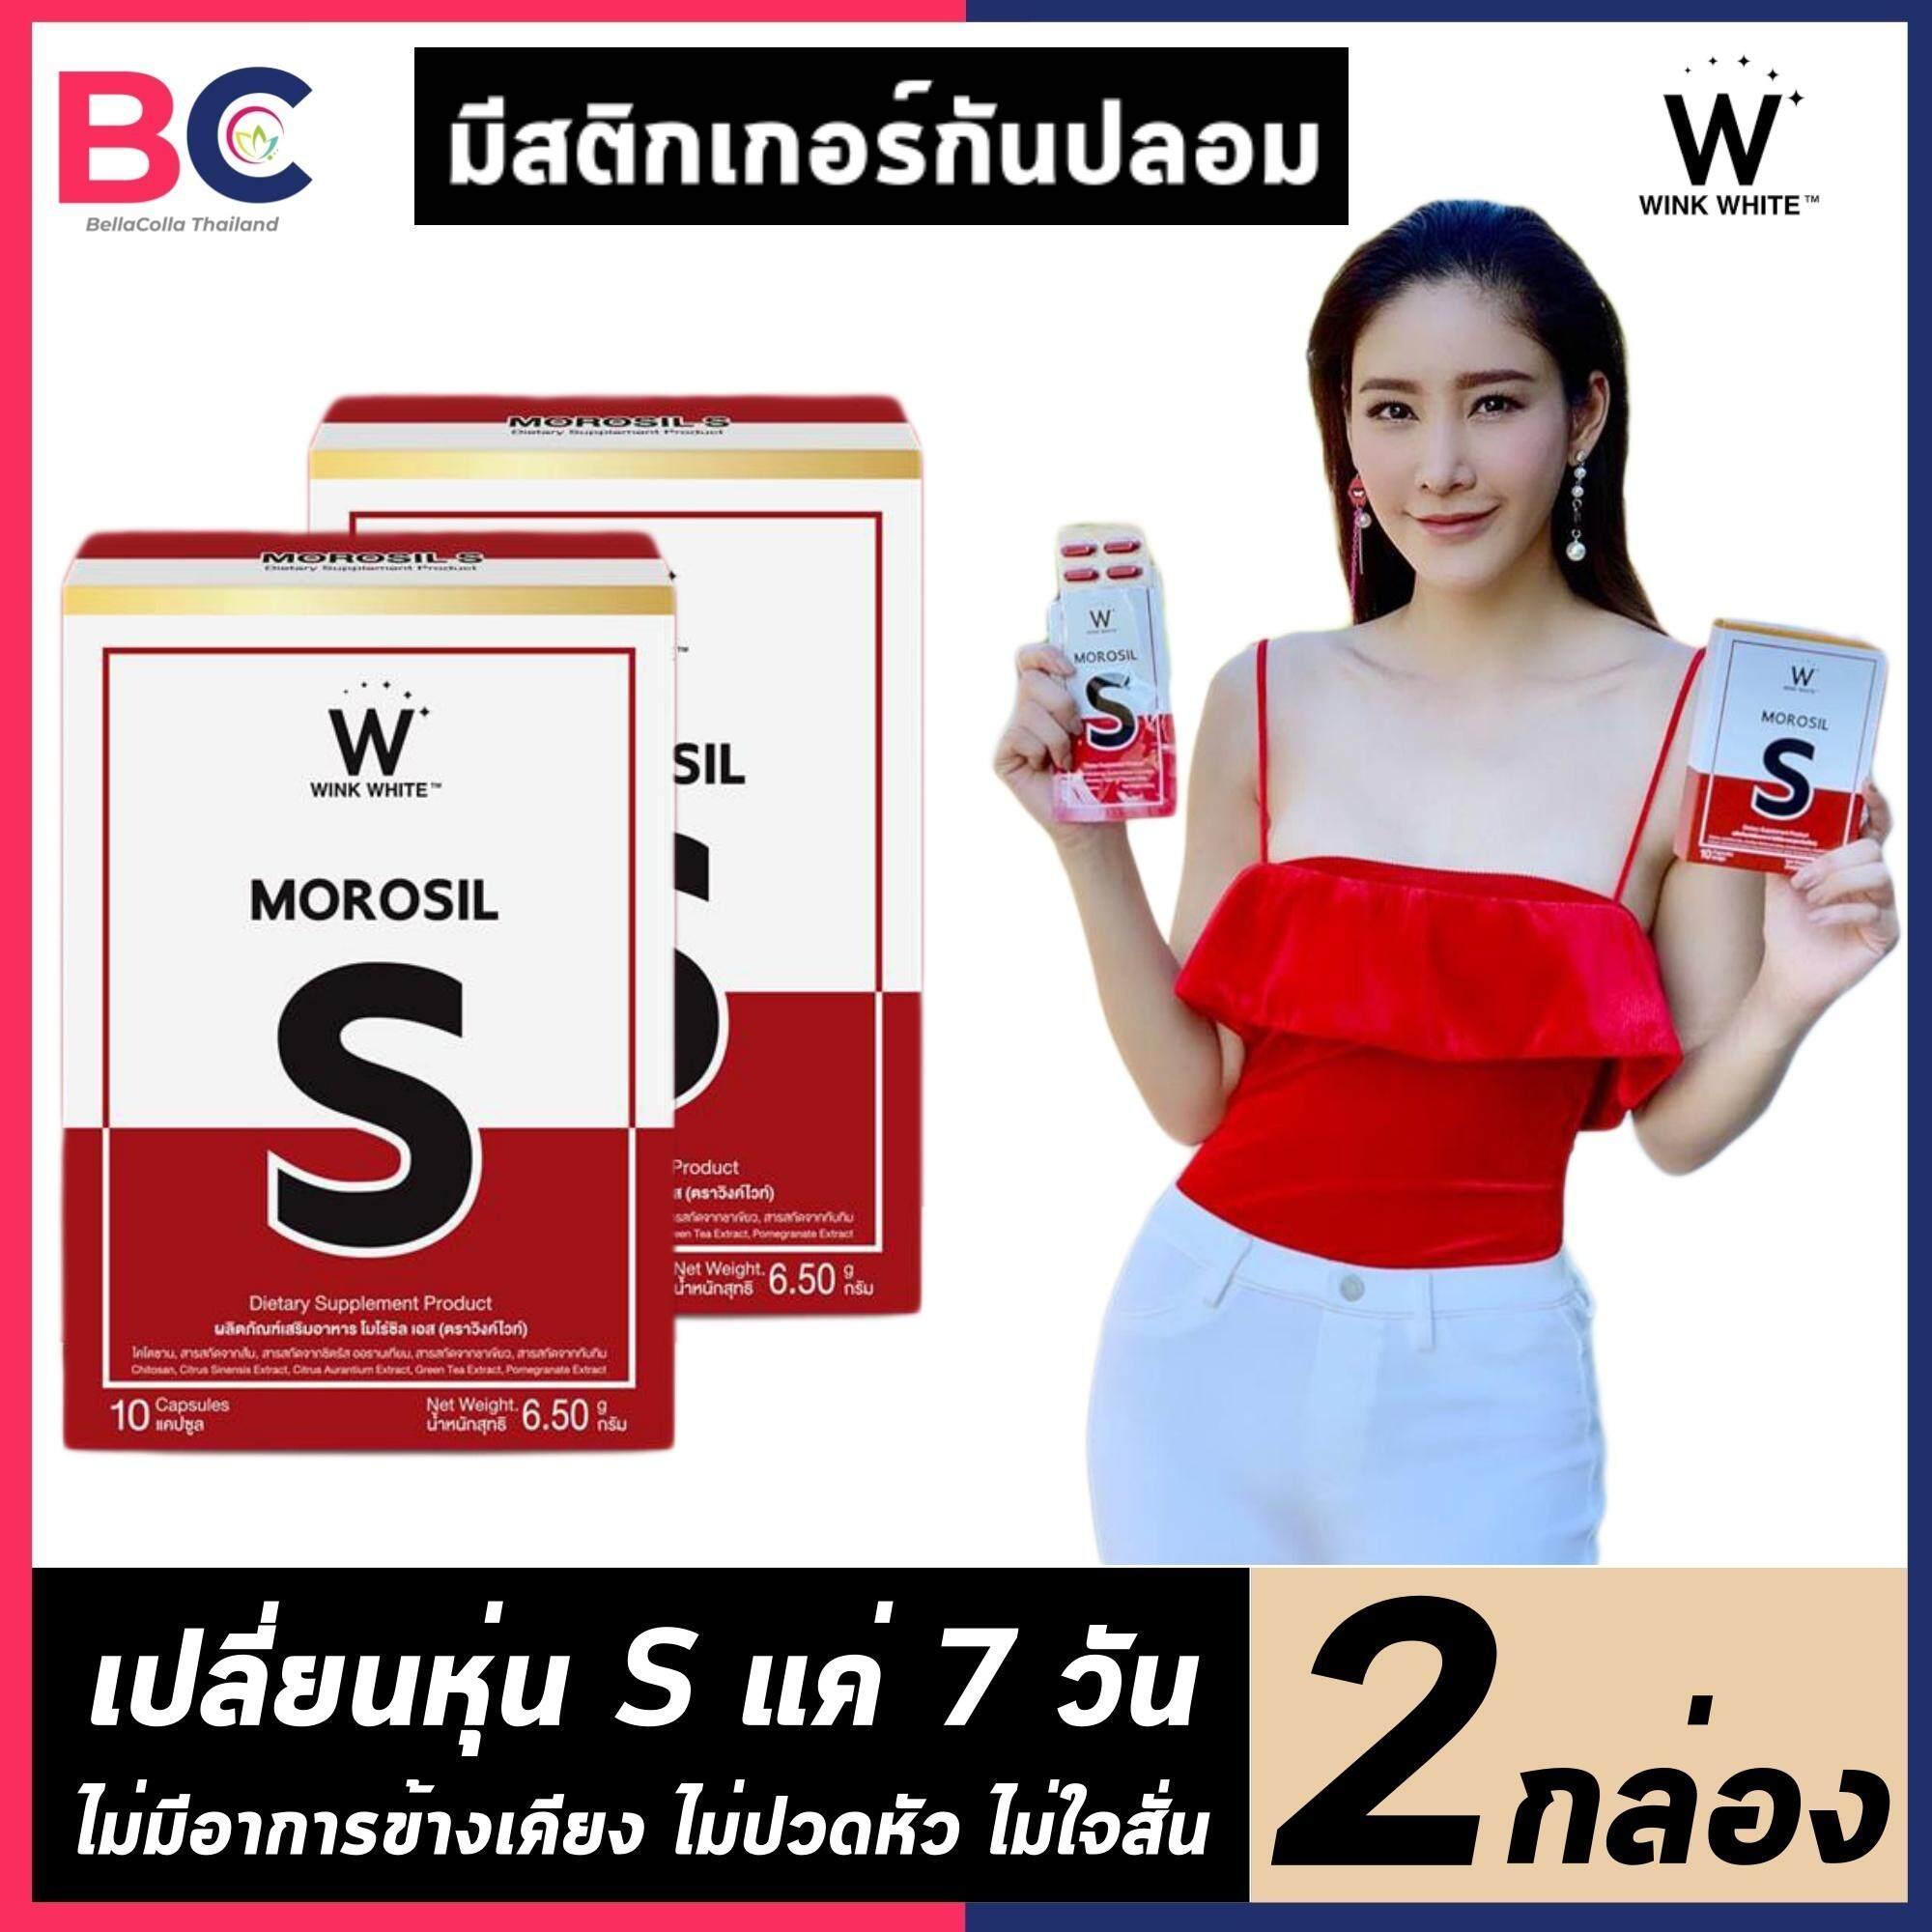 Wink white Morosil S โมโรซิล สายพันธุ์ เอส [2 กล่อง] [10 แคปซูล/กล่อง] [กรีดรหัส] วิ้งไวท์ เอสแดง สารสกัดจากธรรมชาติ by BellaColla Thailand